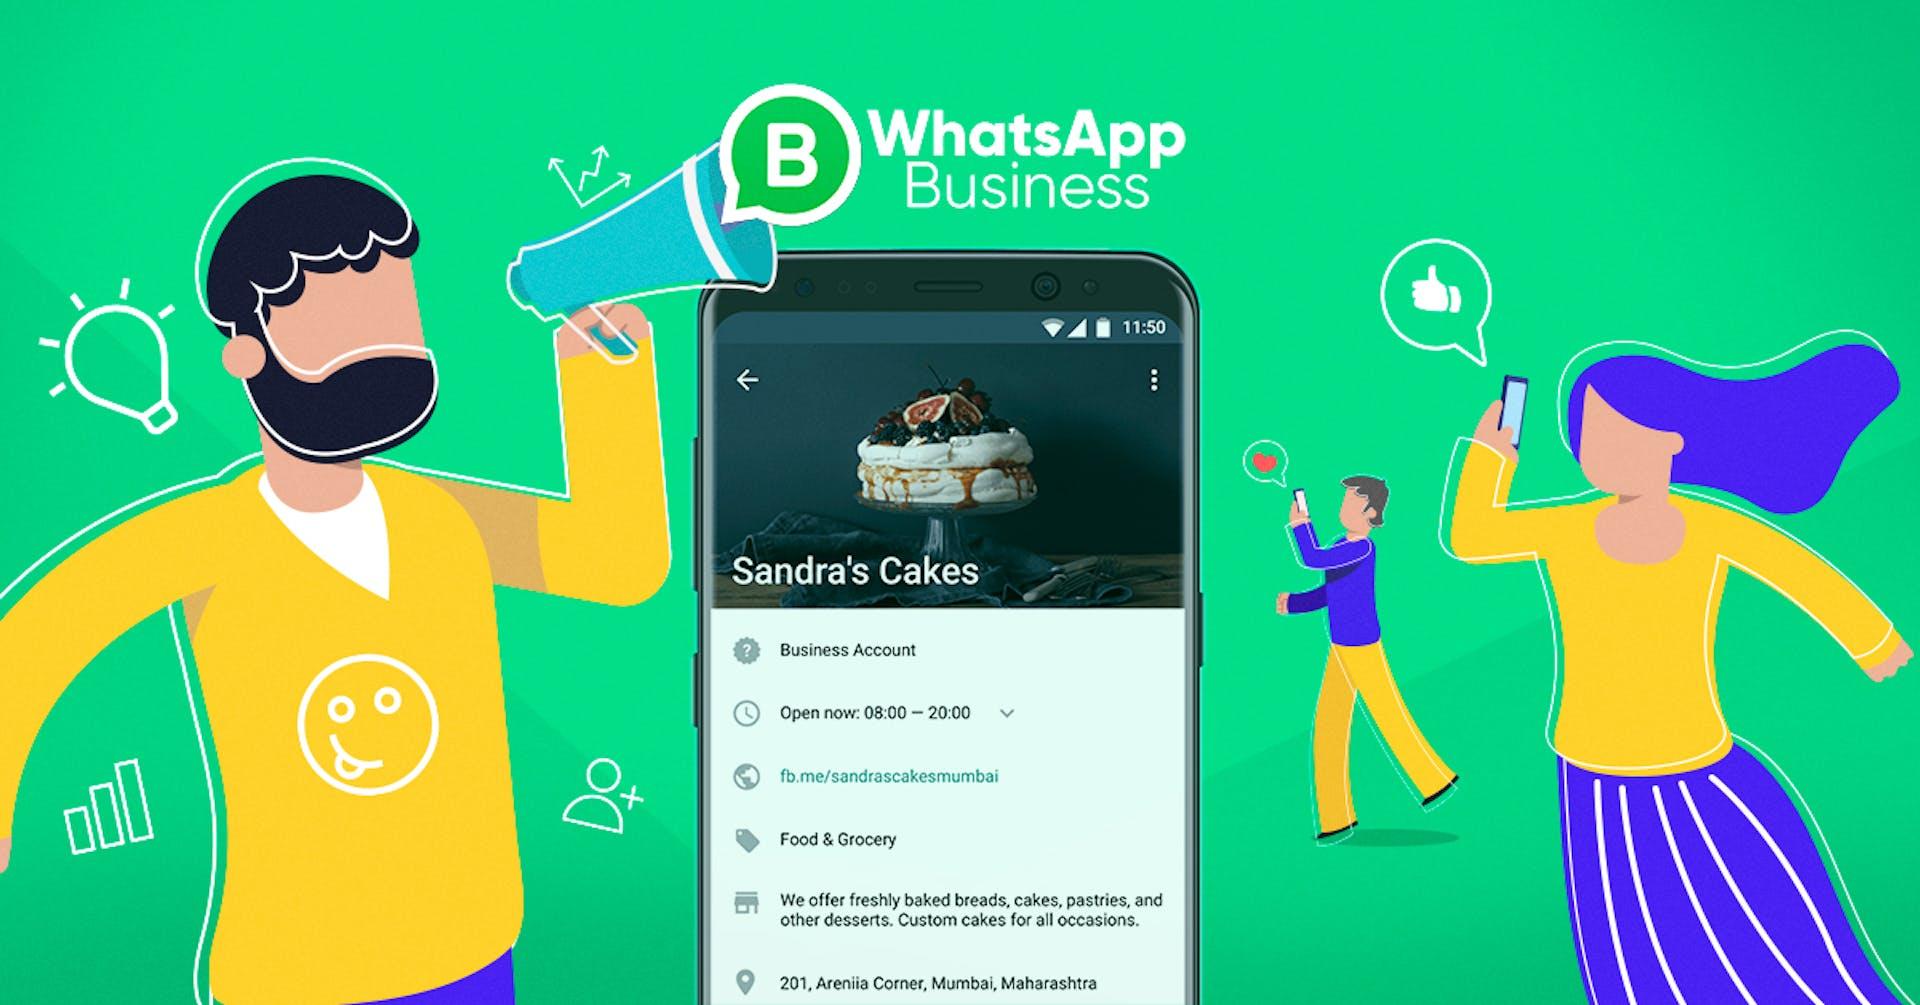 ¿Qué es WhatsApp Business y cómo lo puedes usar en tu negocio?